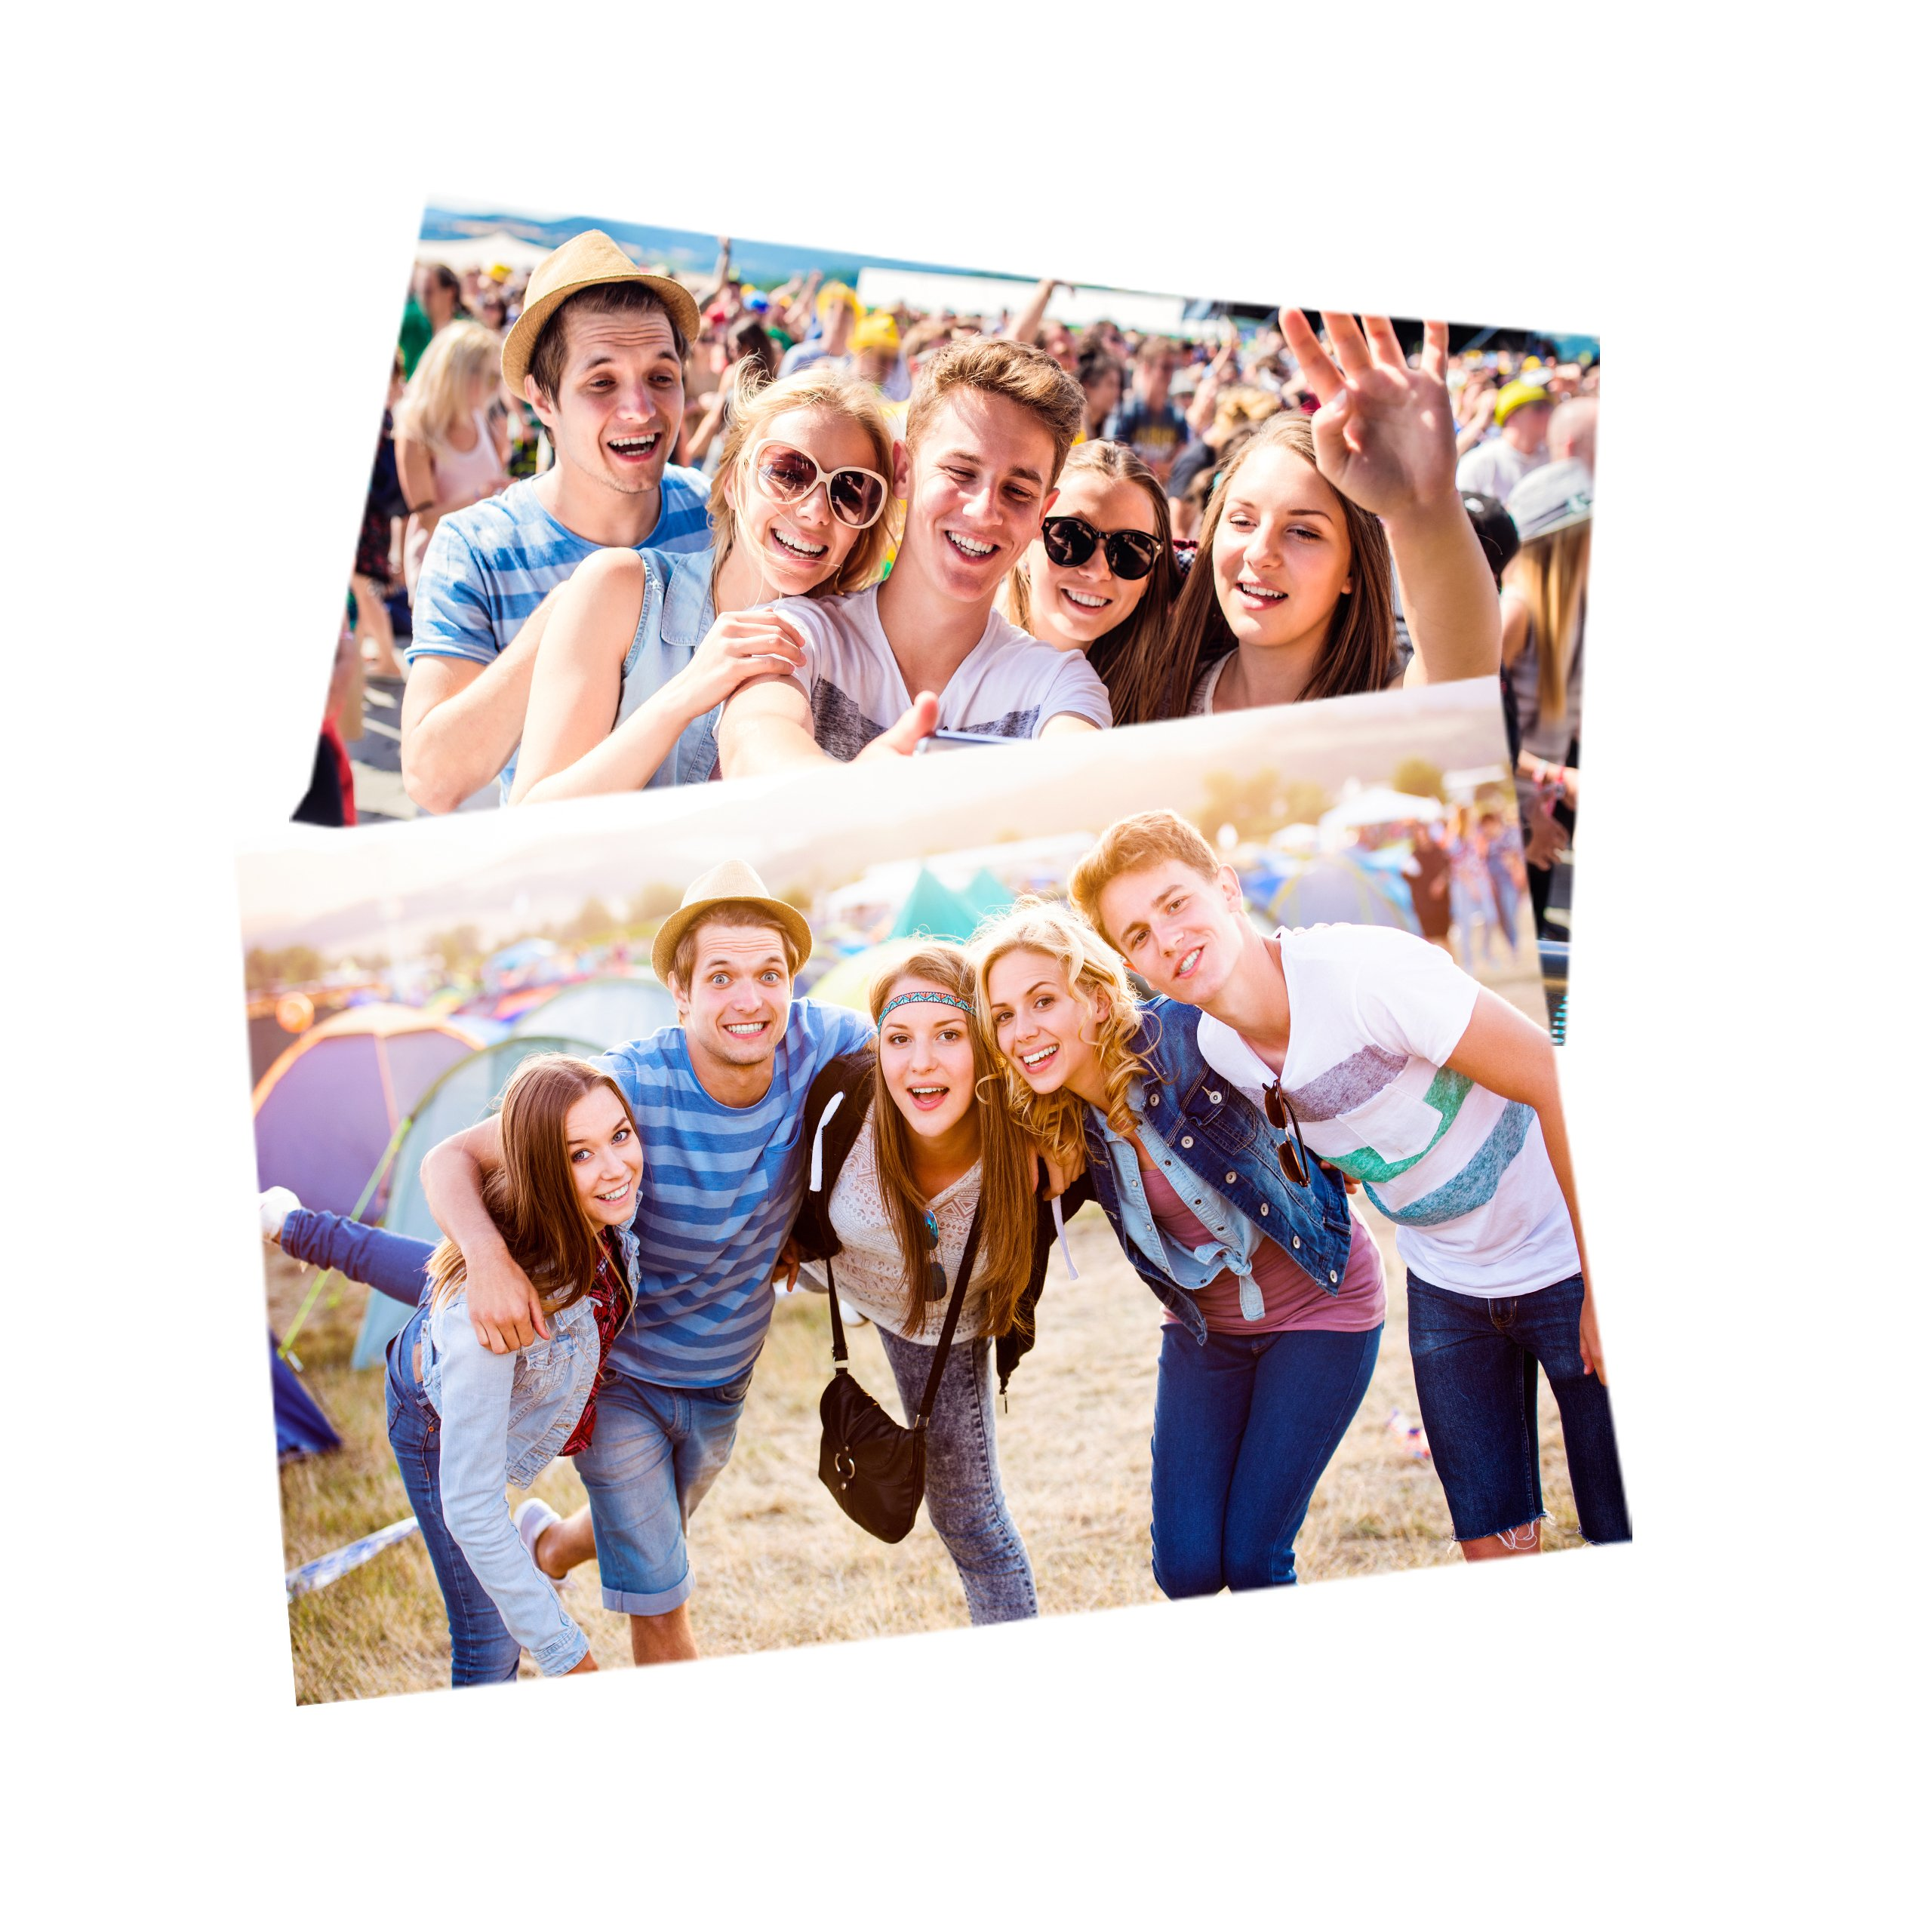 Item 1000 photos 10x15 call call prints